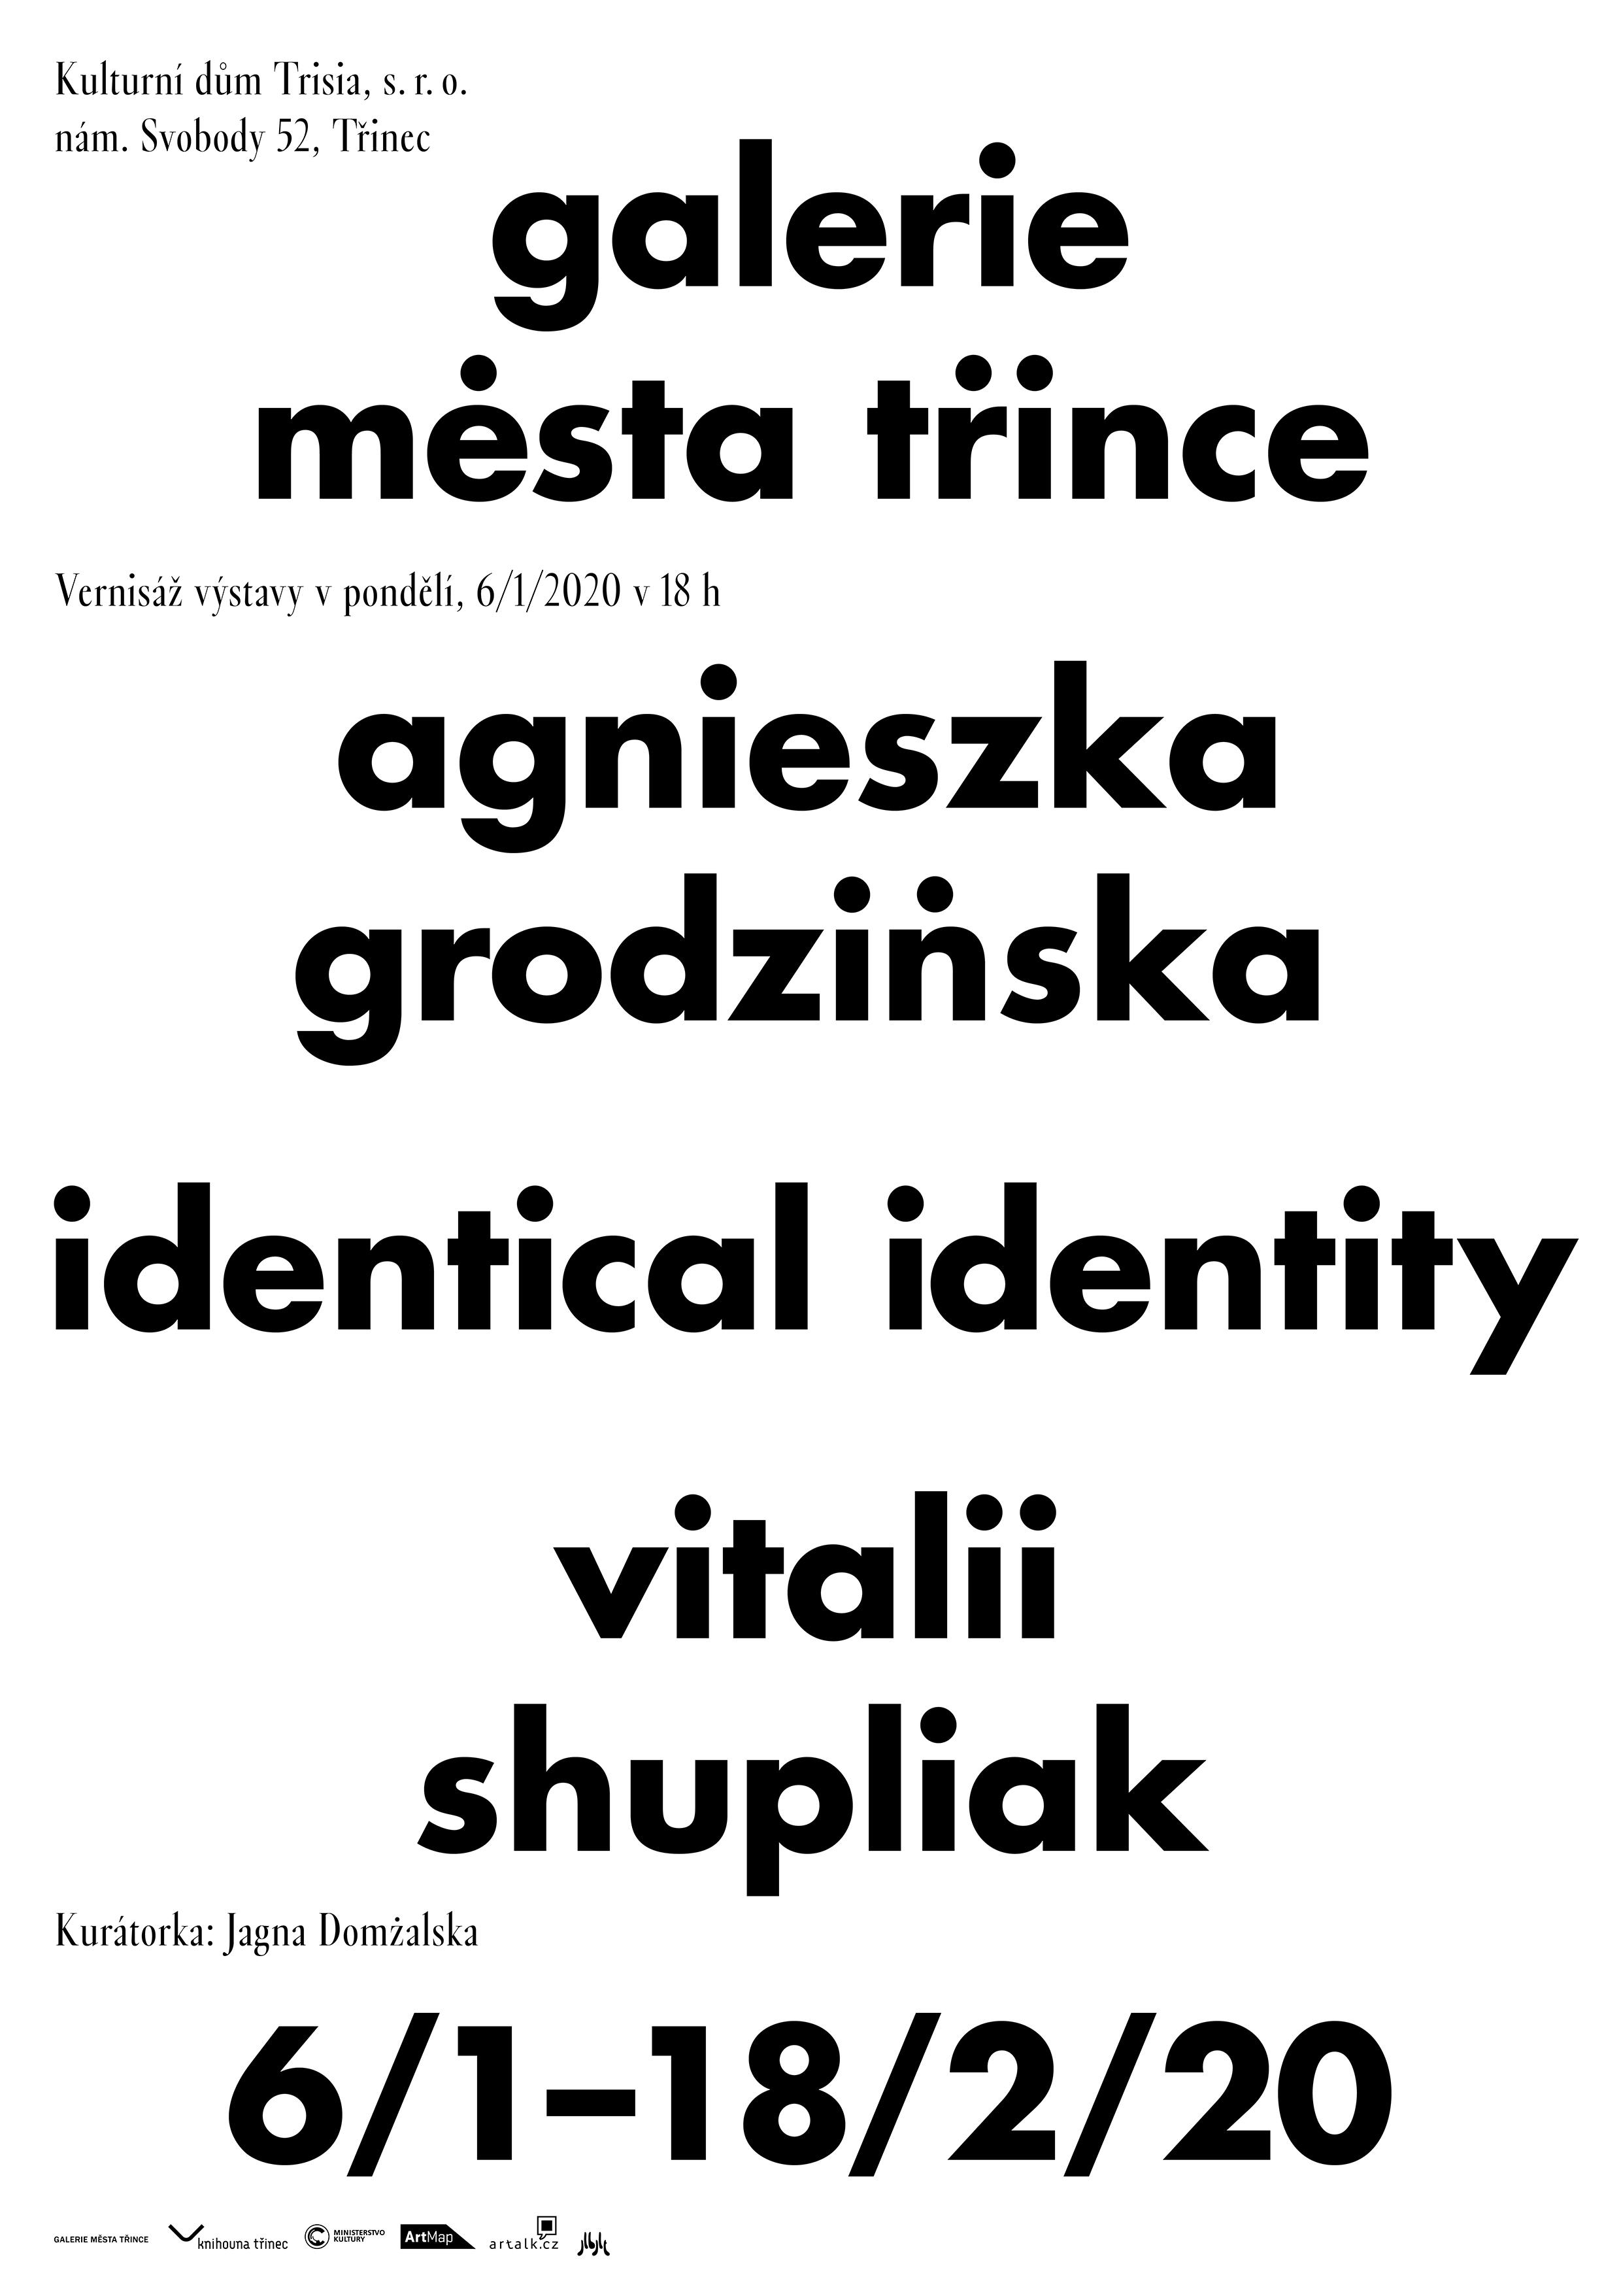 Agnieszka Grodzińska a Vitalii Shupliak